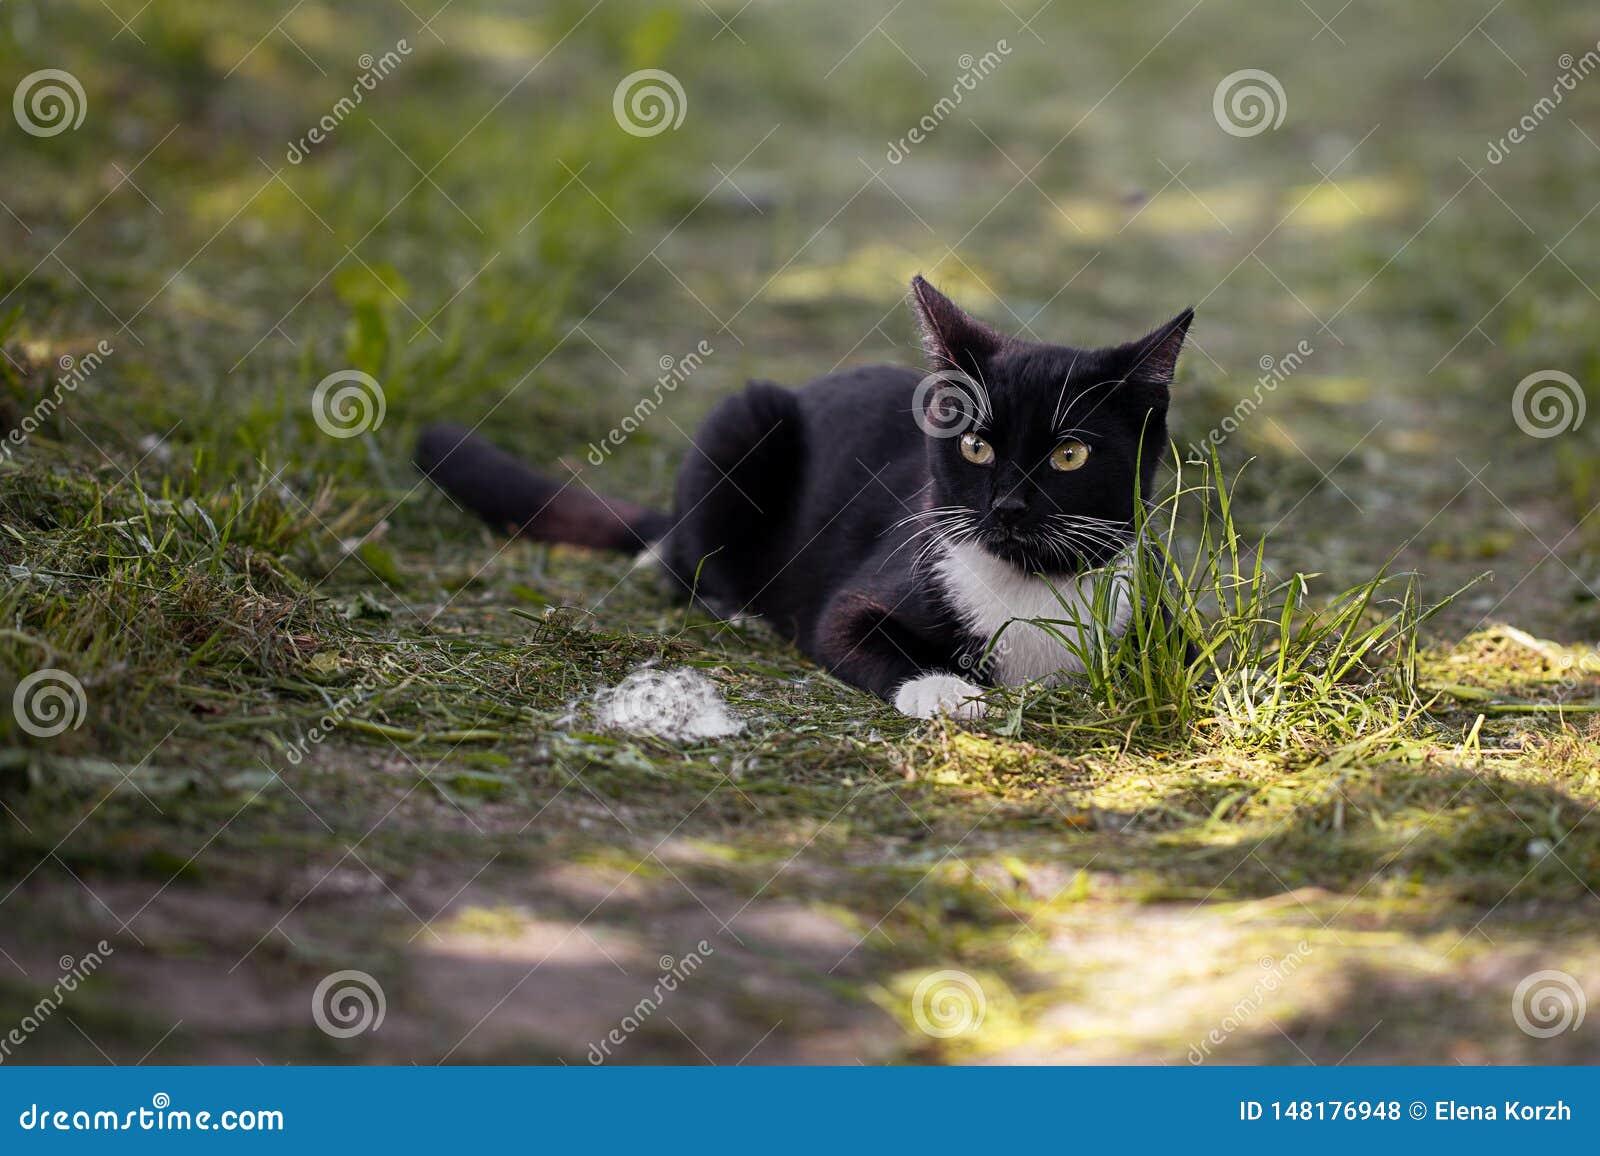 El gato negro está cazando en el jardín